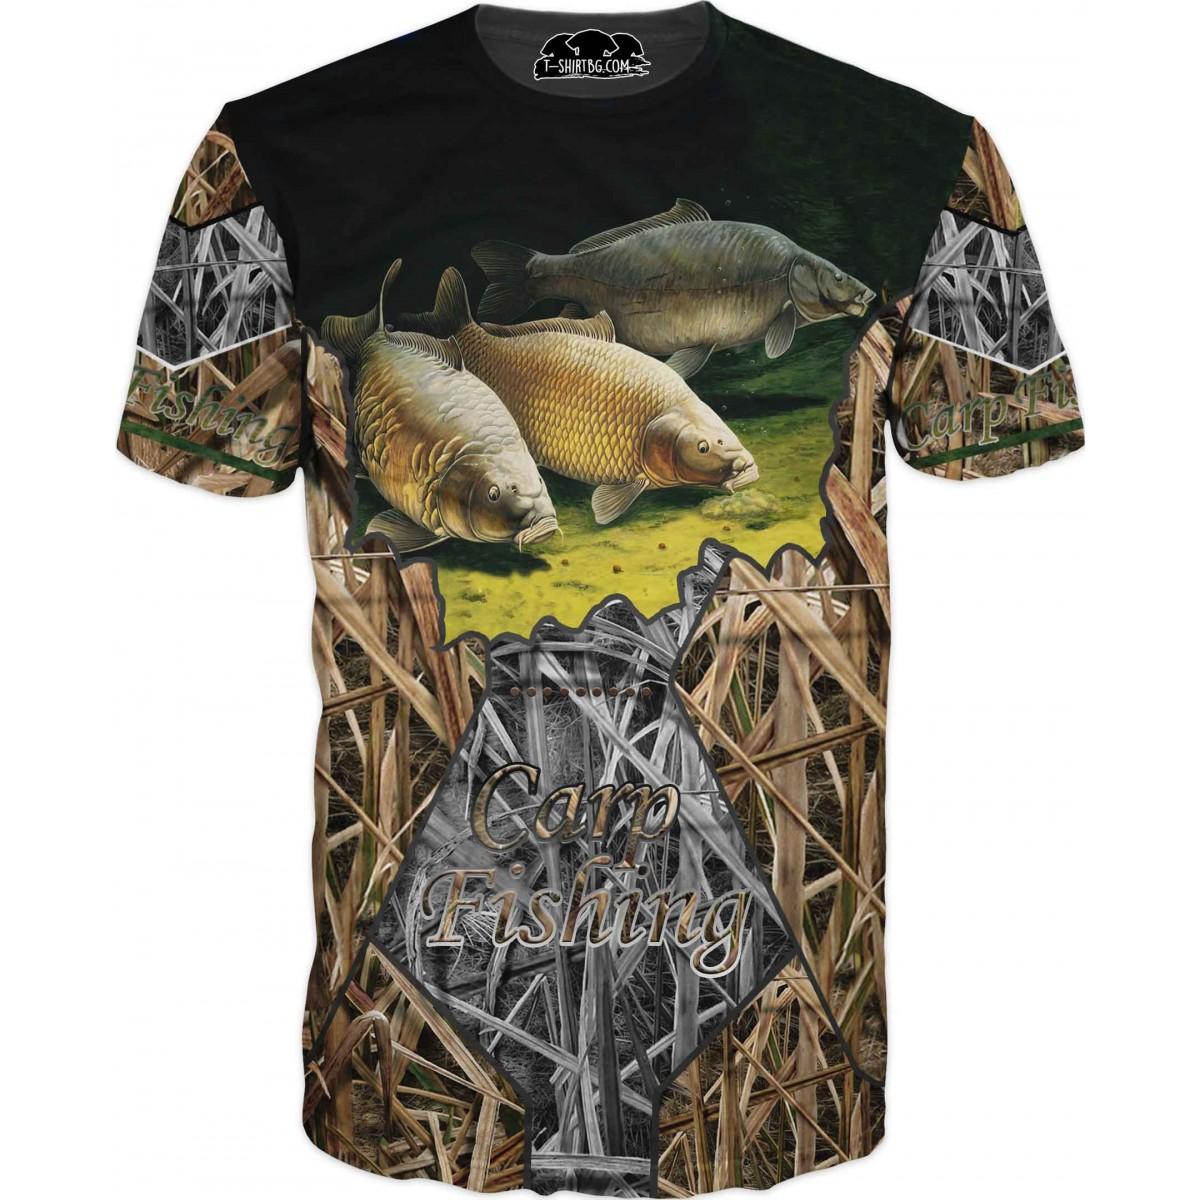 Риболовна тениска с три шарана в тръстика